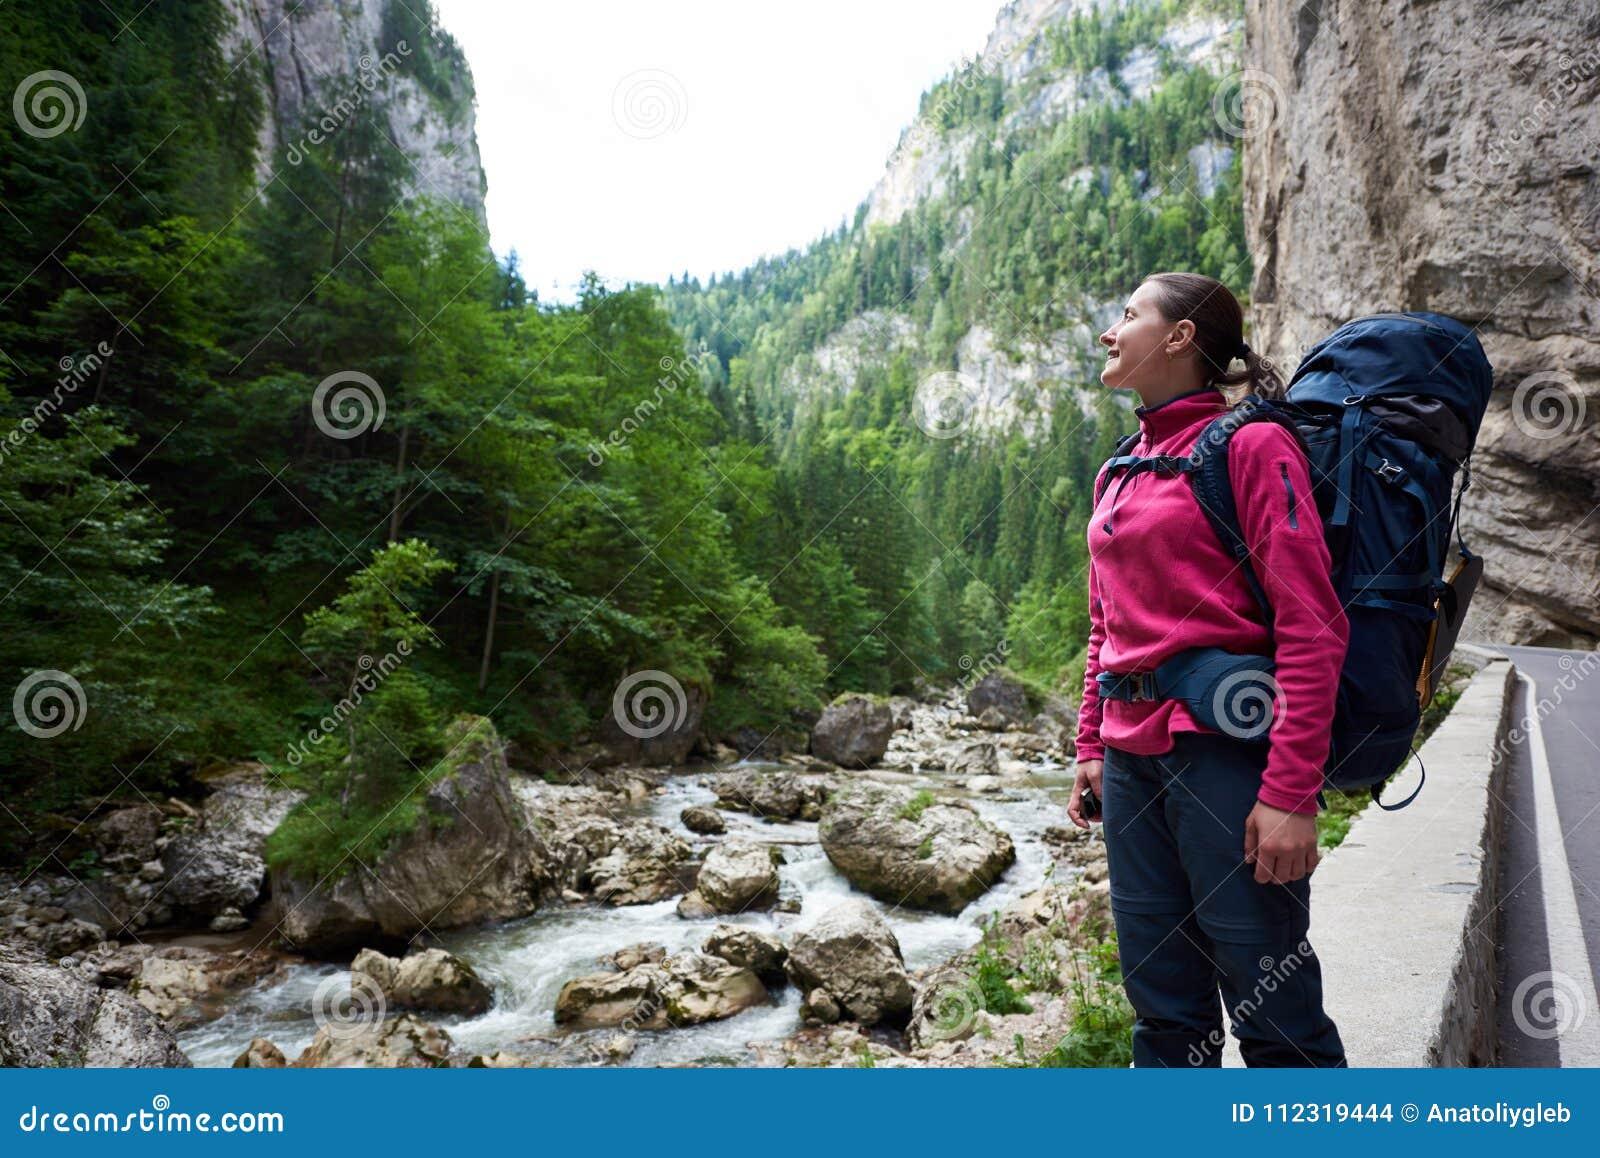 La vue étonnante admirative de grimpeur féminin des montagnes rocheuses herbeuses vertes et l eau coulent dans la zone montagneus